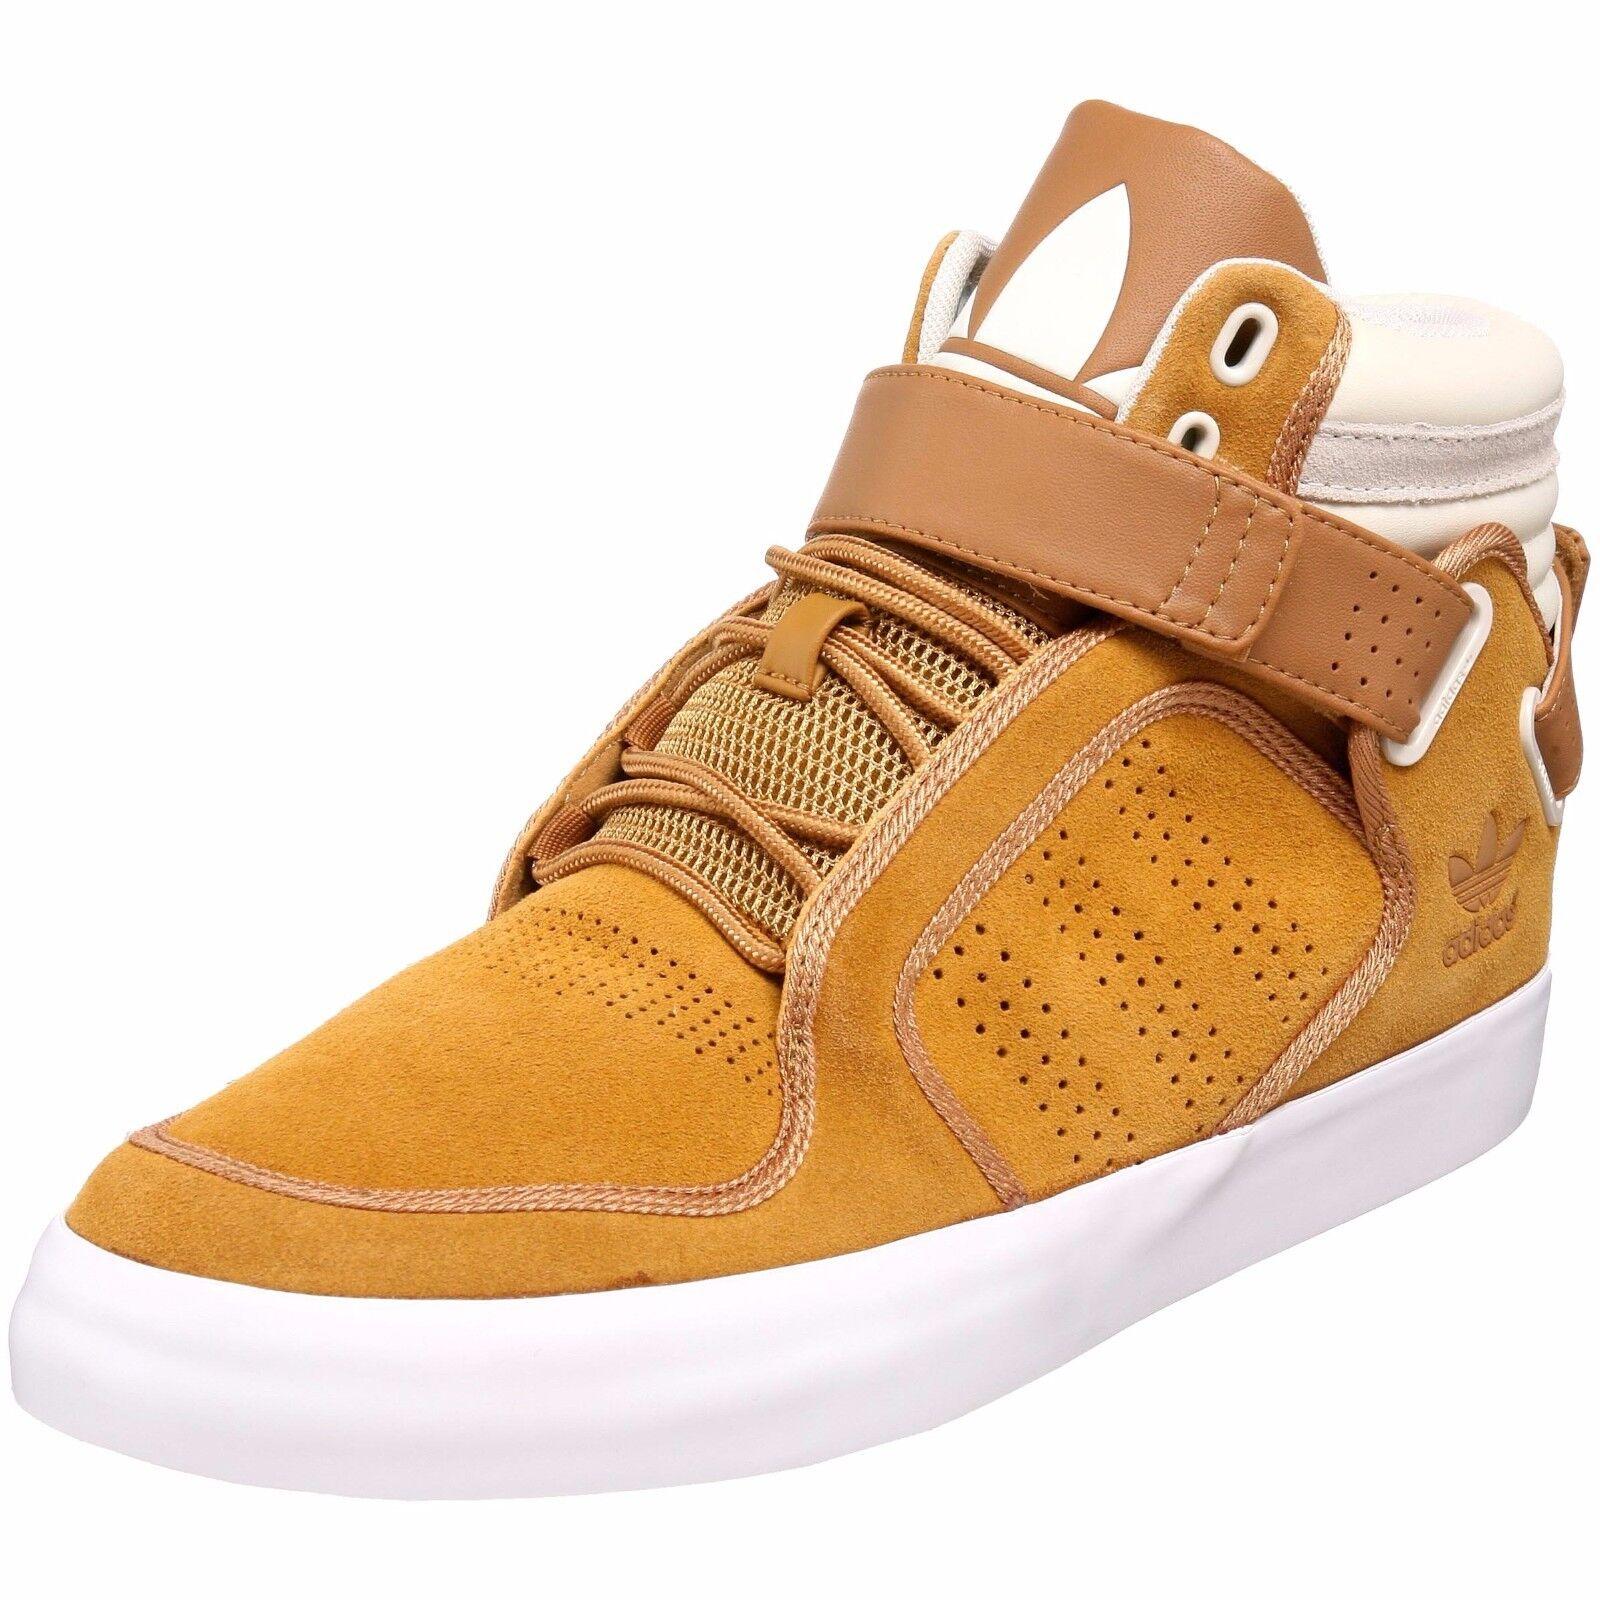 Adidas originali dga è metà retrò scarpa, grano Uomo \ gesso bianco Uomo grano sz 13 g22579 \ 71c855